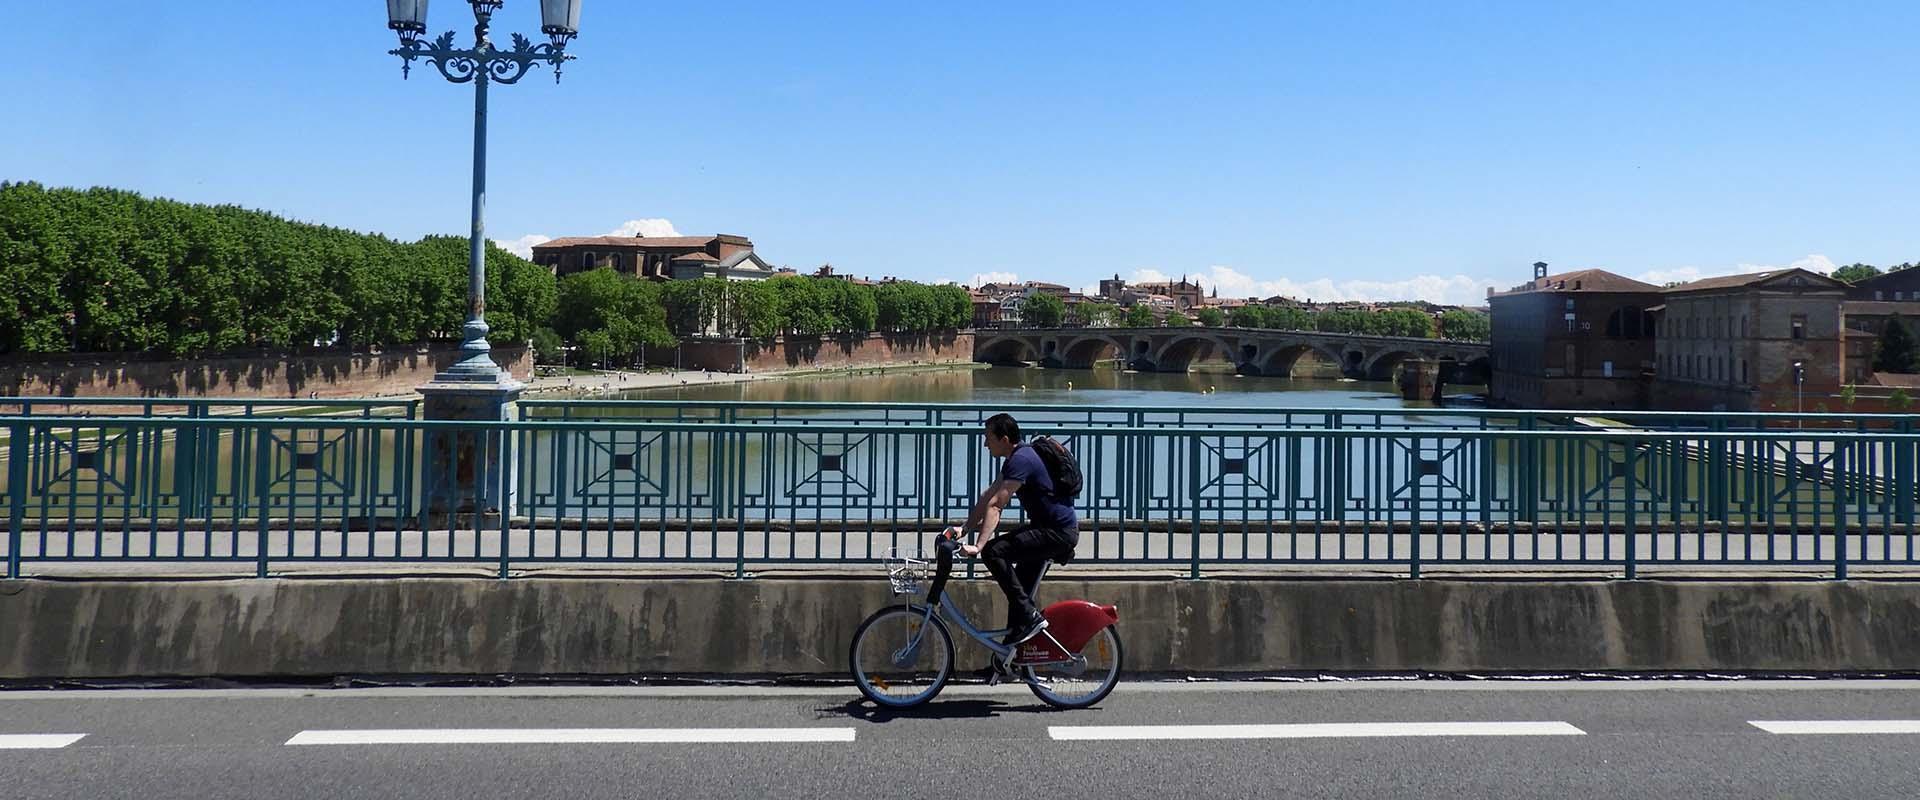 Se déplacer à vélo à Toulouse